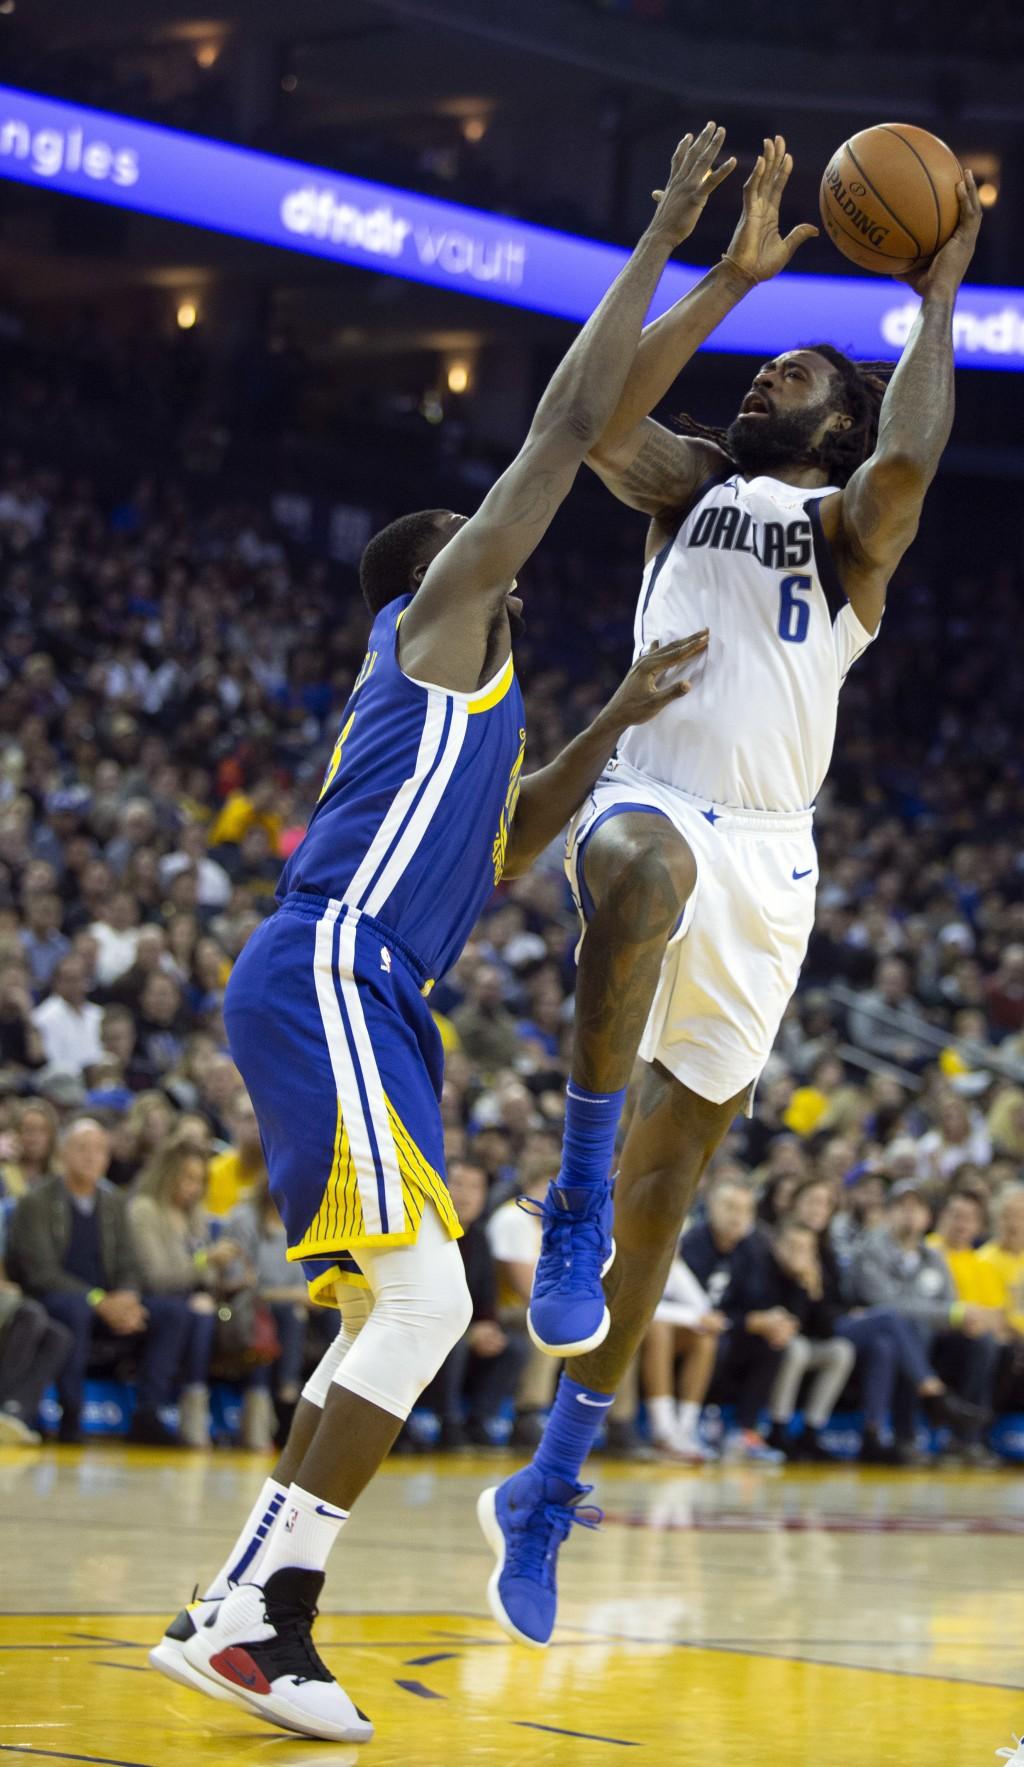 Dallas Mavericks' DeAndre Jordan (6) shoots over Golden State Warriors' Draymond Green during the second quarter of an NBA basketball game Saturday, D